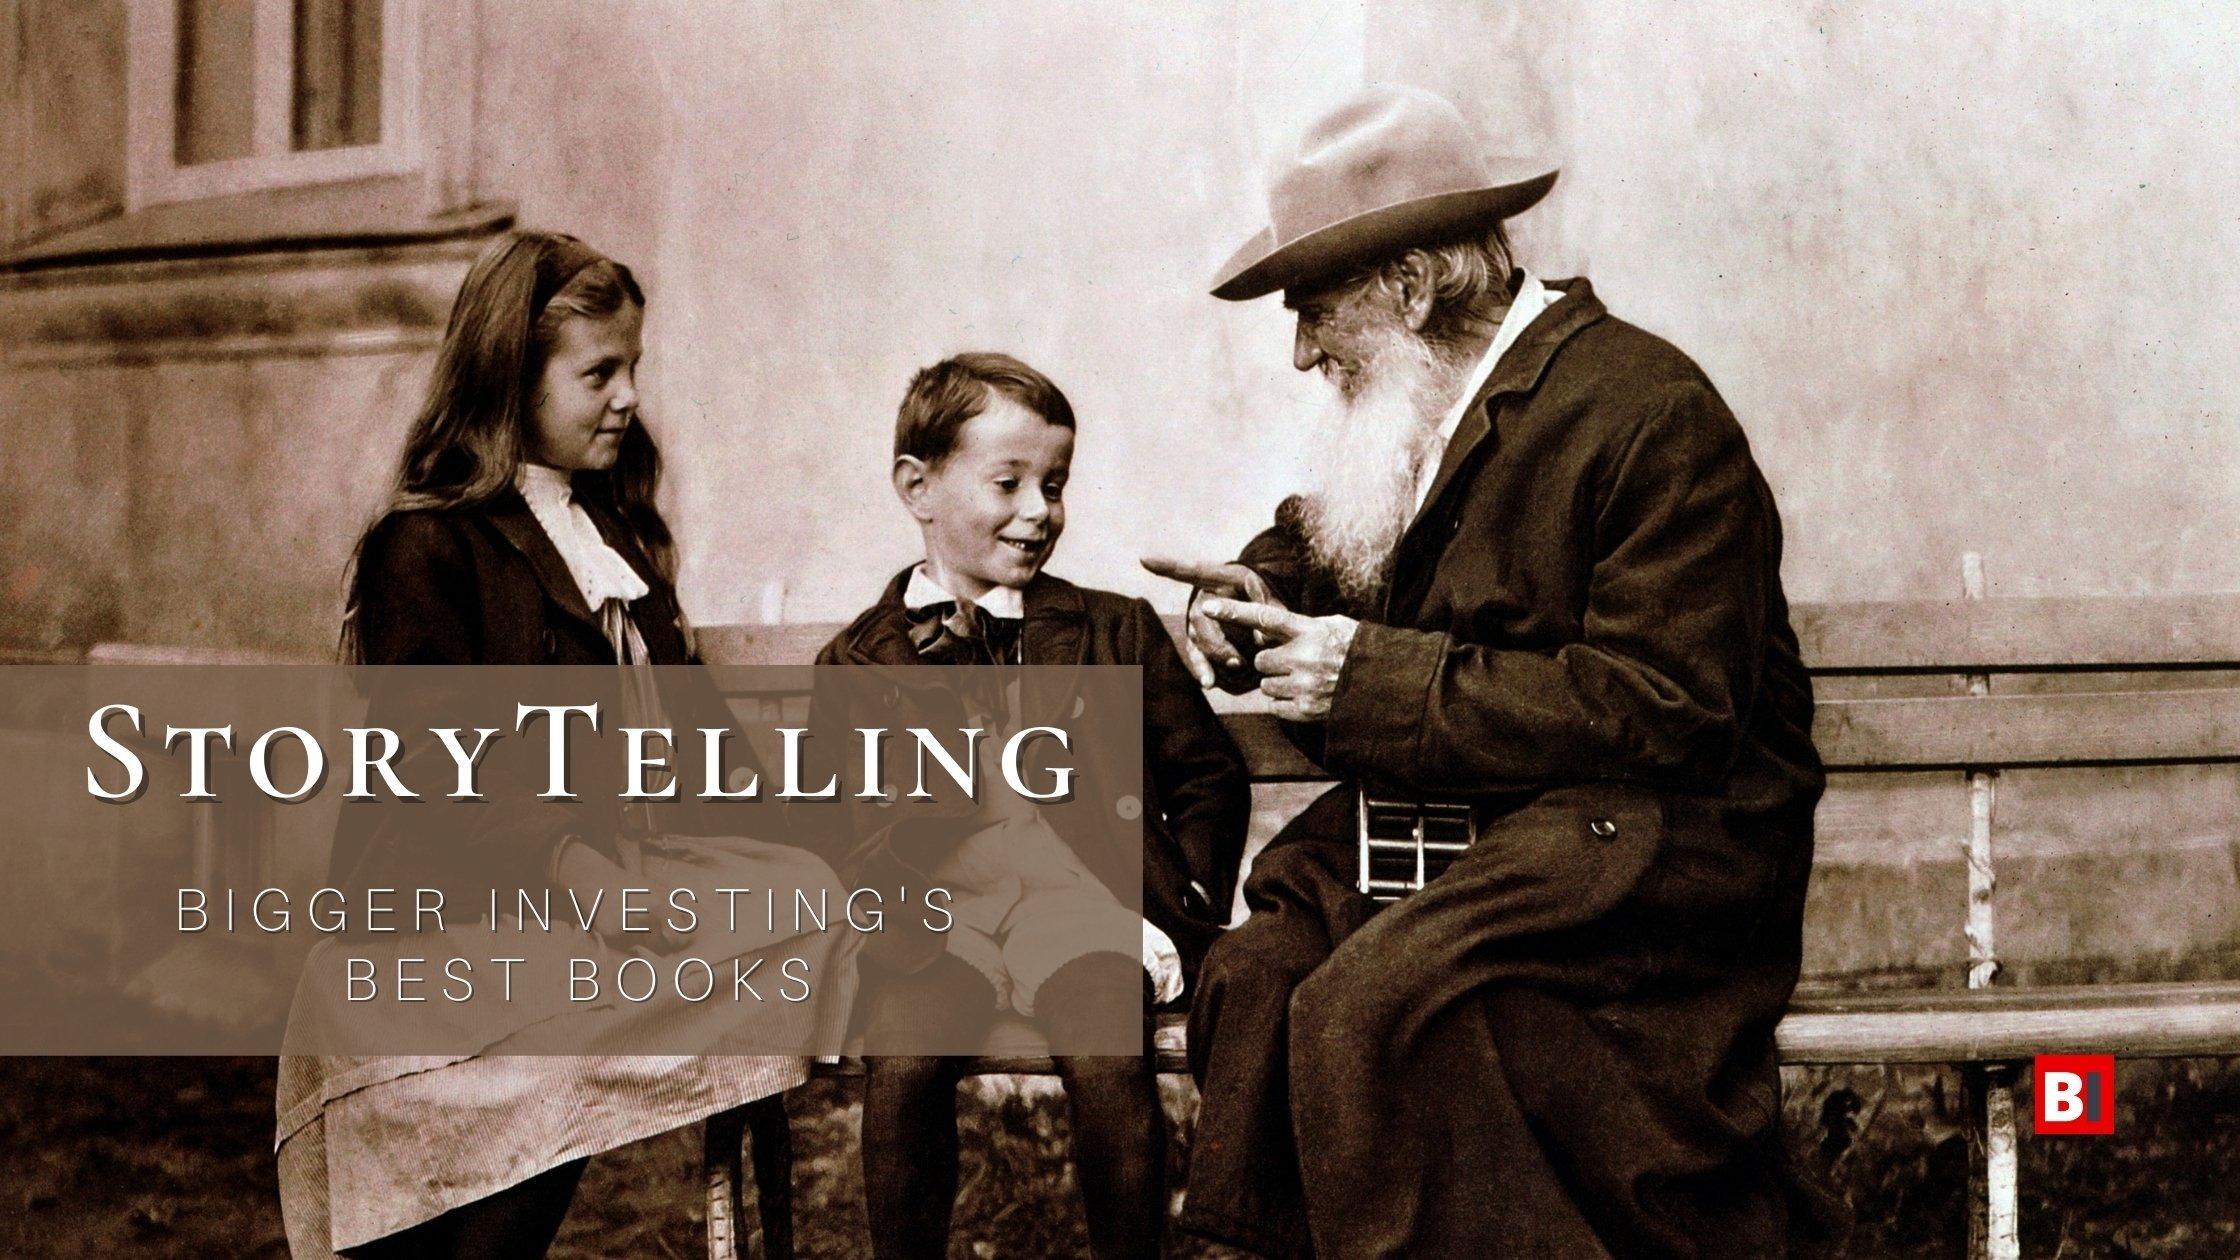 Best Books on Storytelling